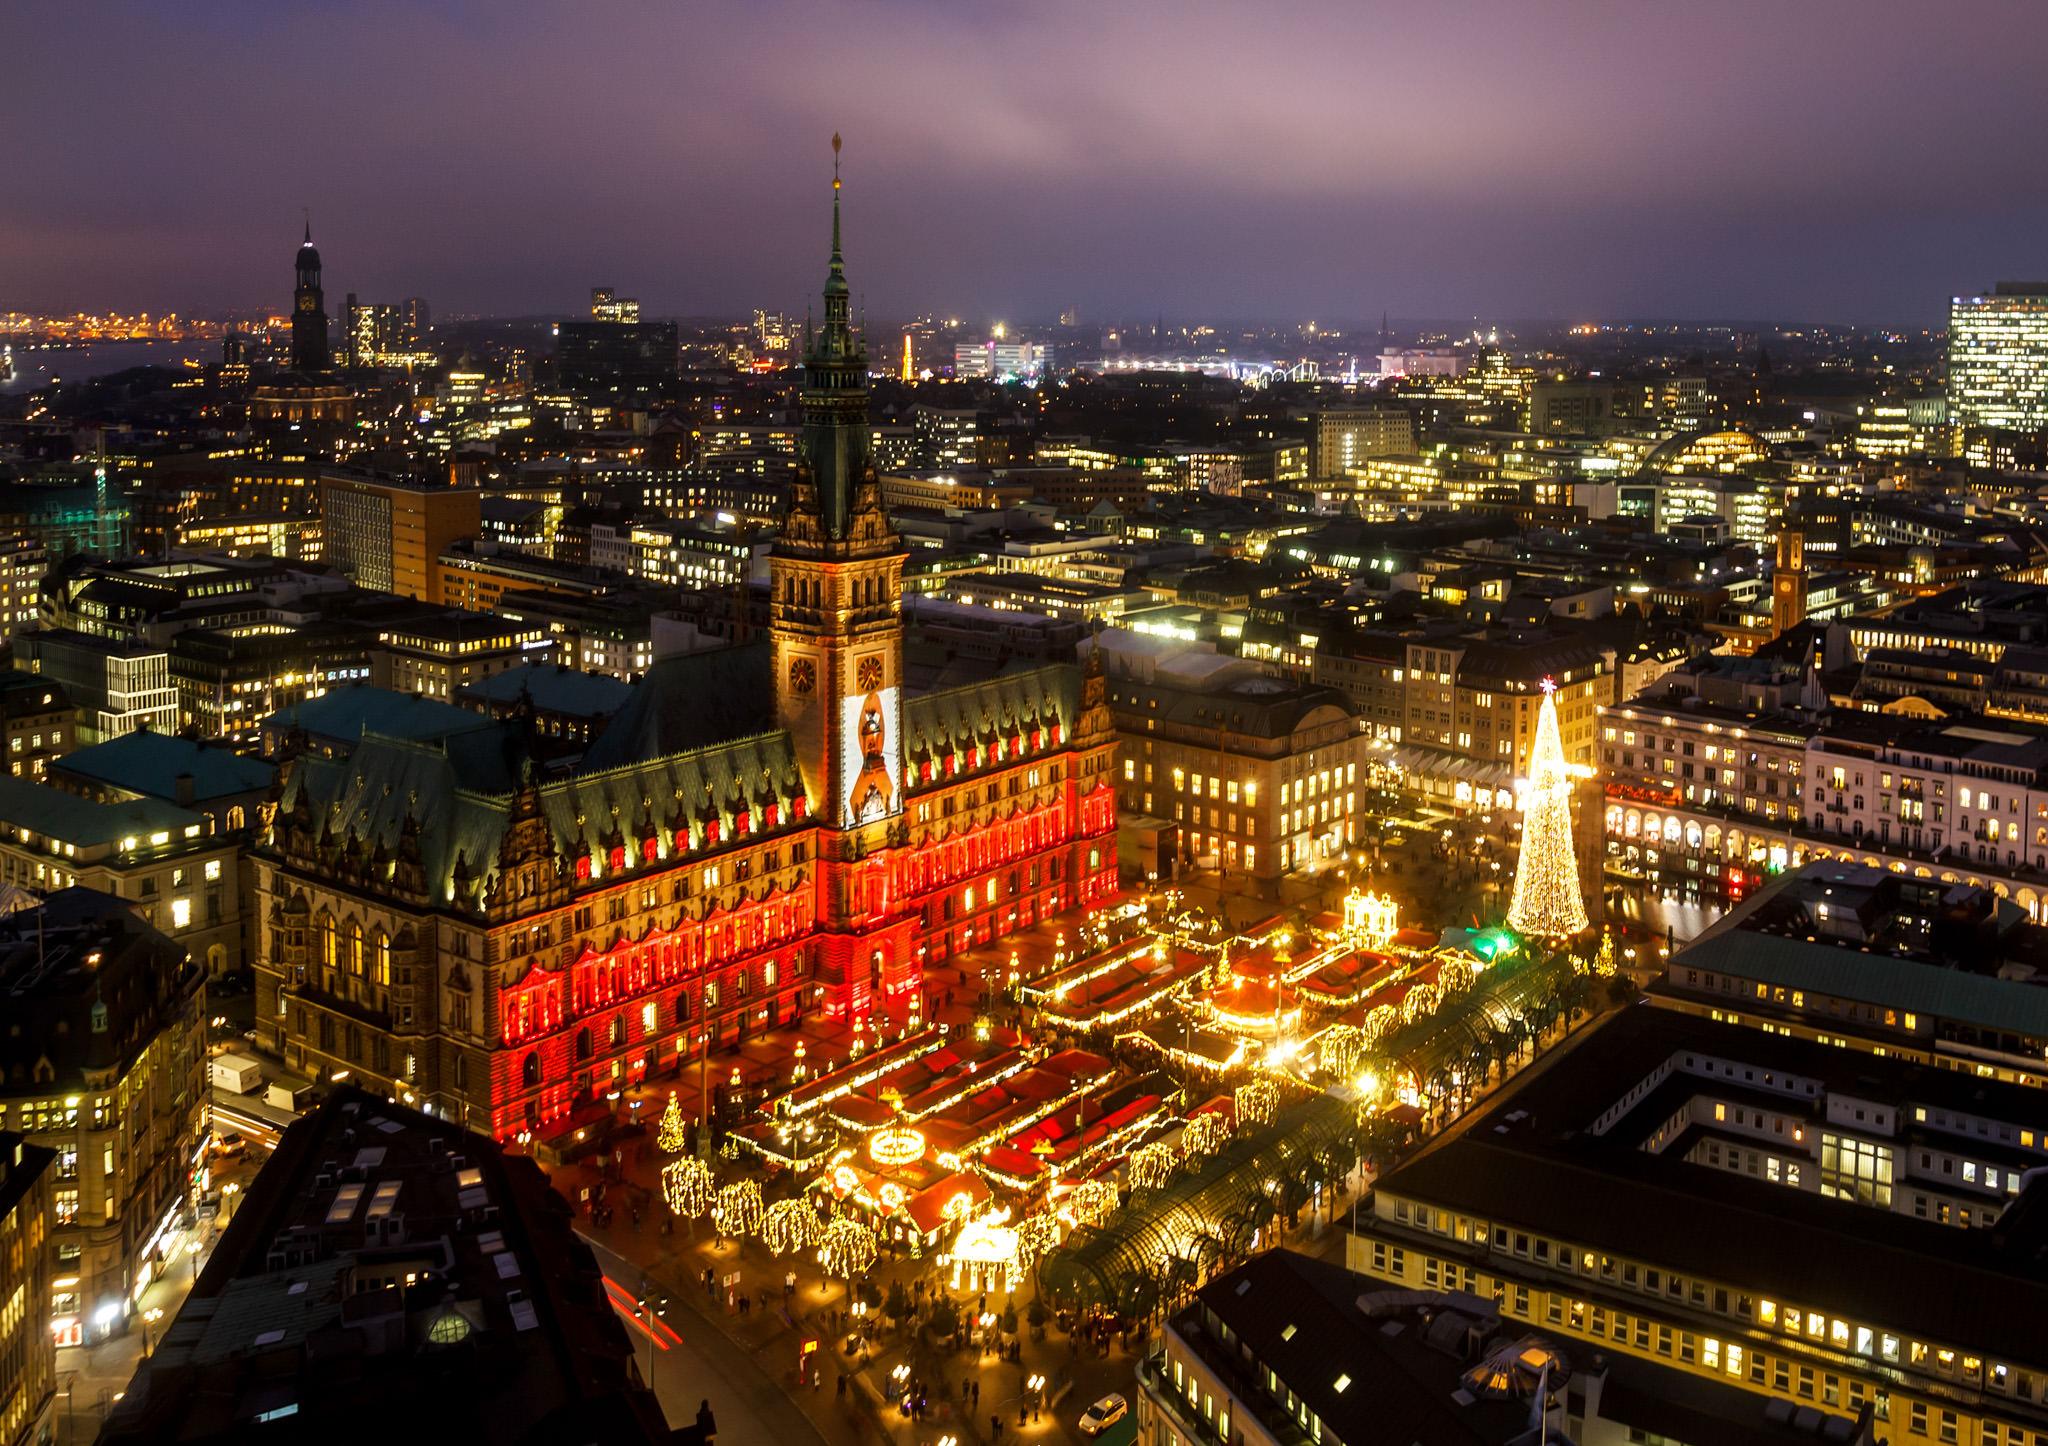 этих гамбург фото города в сентябре болгарским перцем